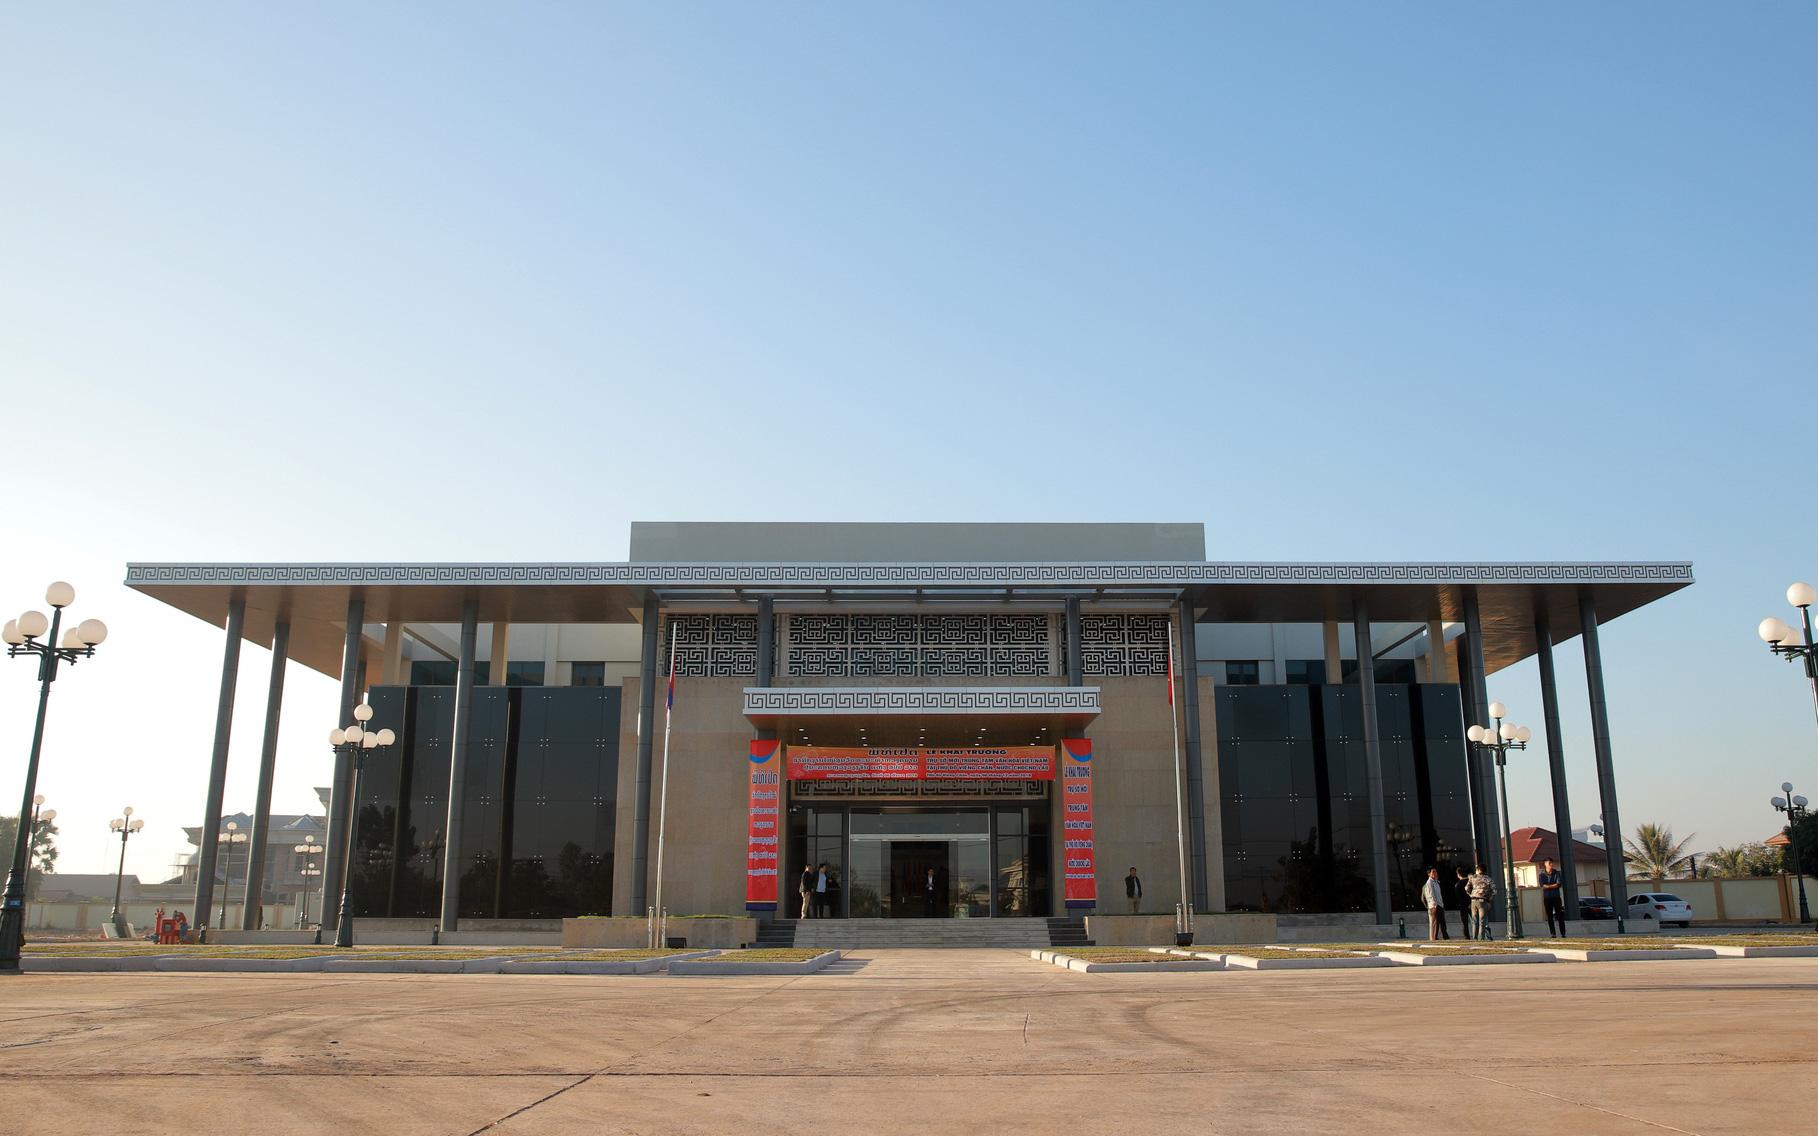 Lễ khai trương trụ sở mới Trung tâm Văn hoá Việt nam tại Lào